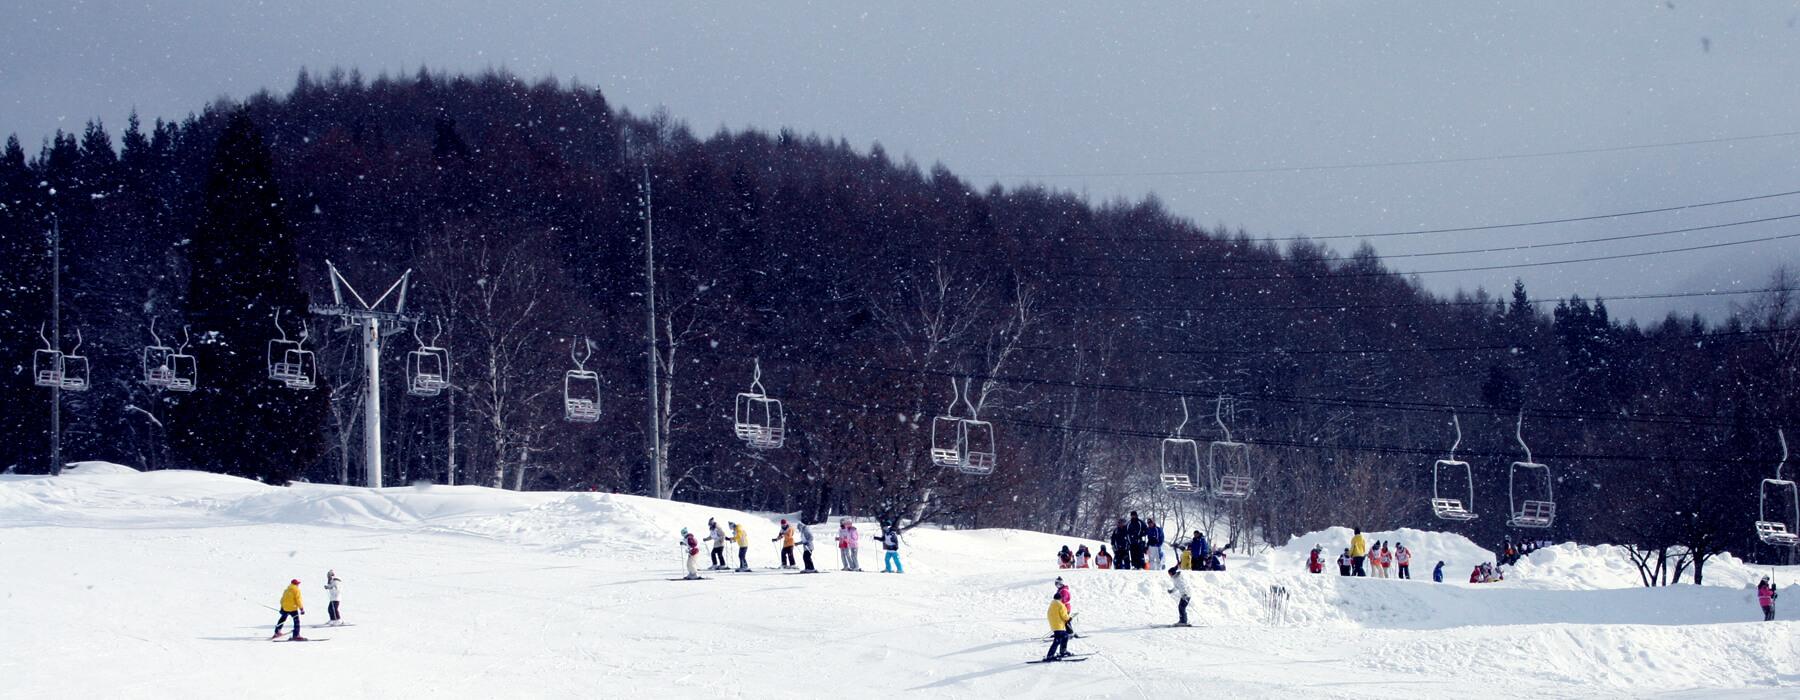 スキー 志賀 場 天気 高原